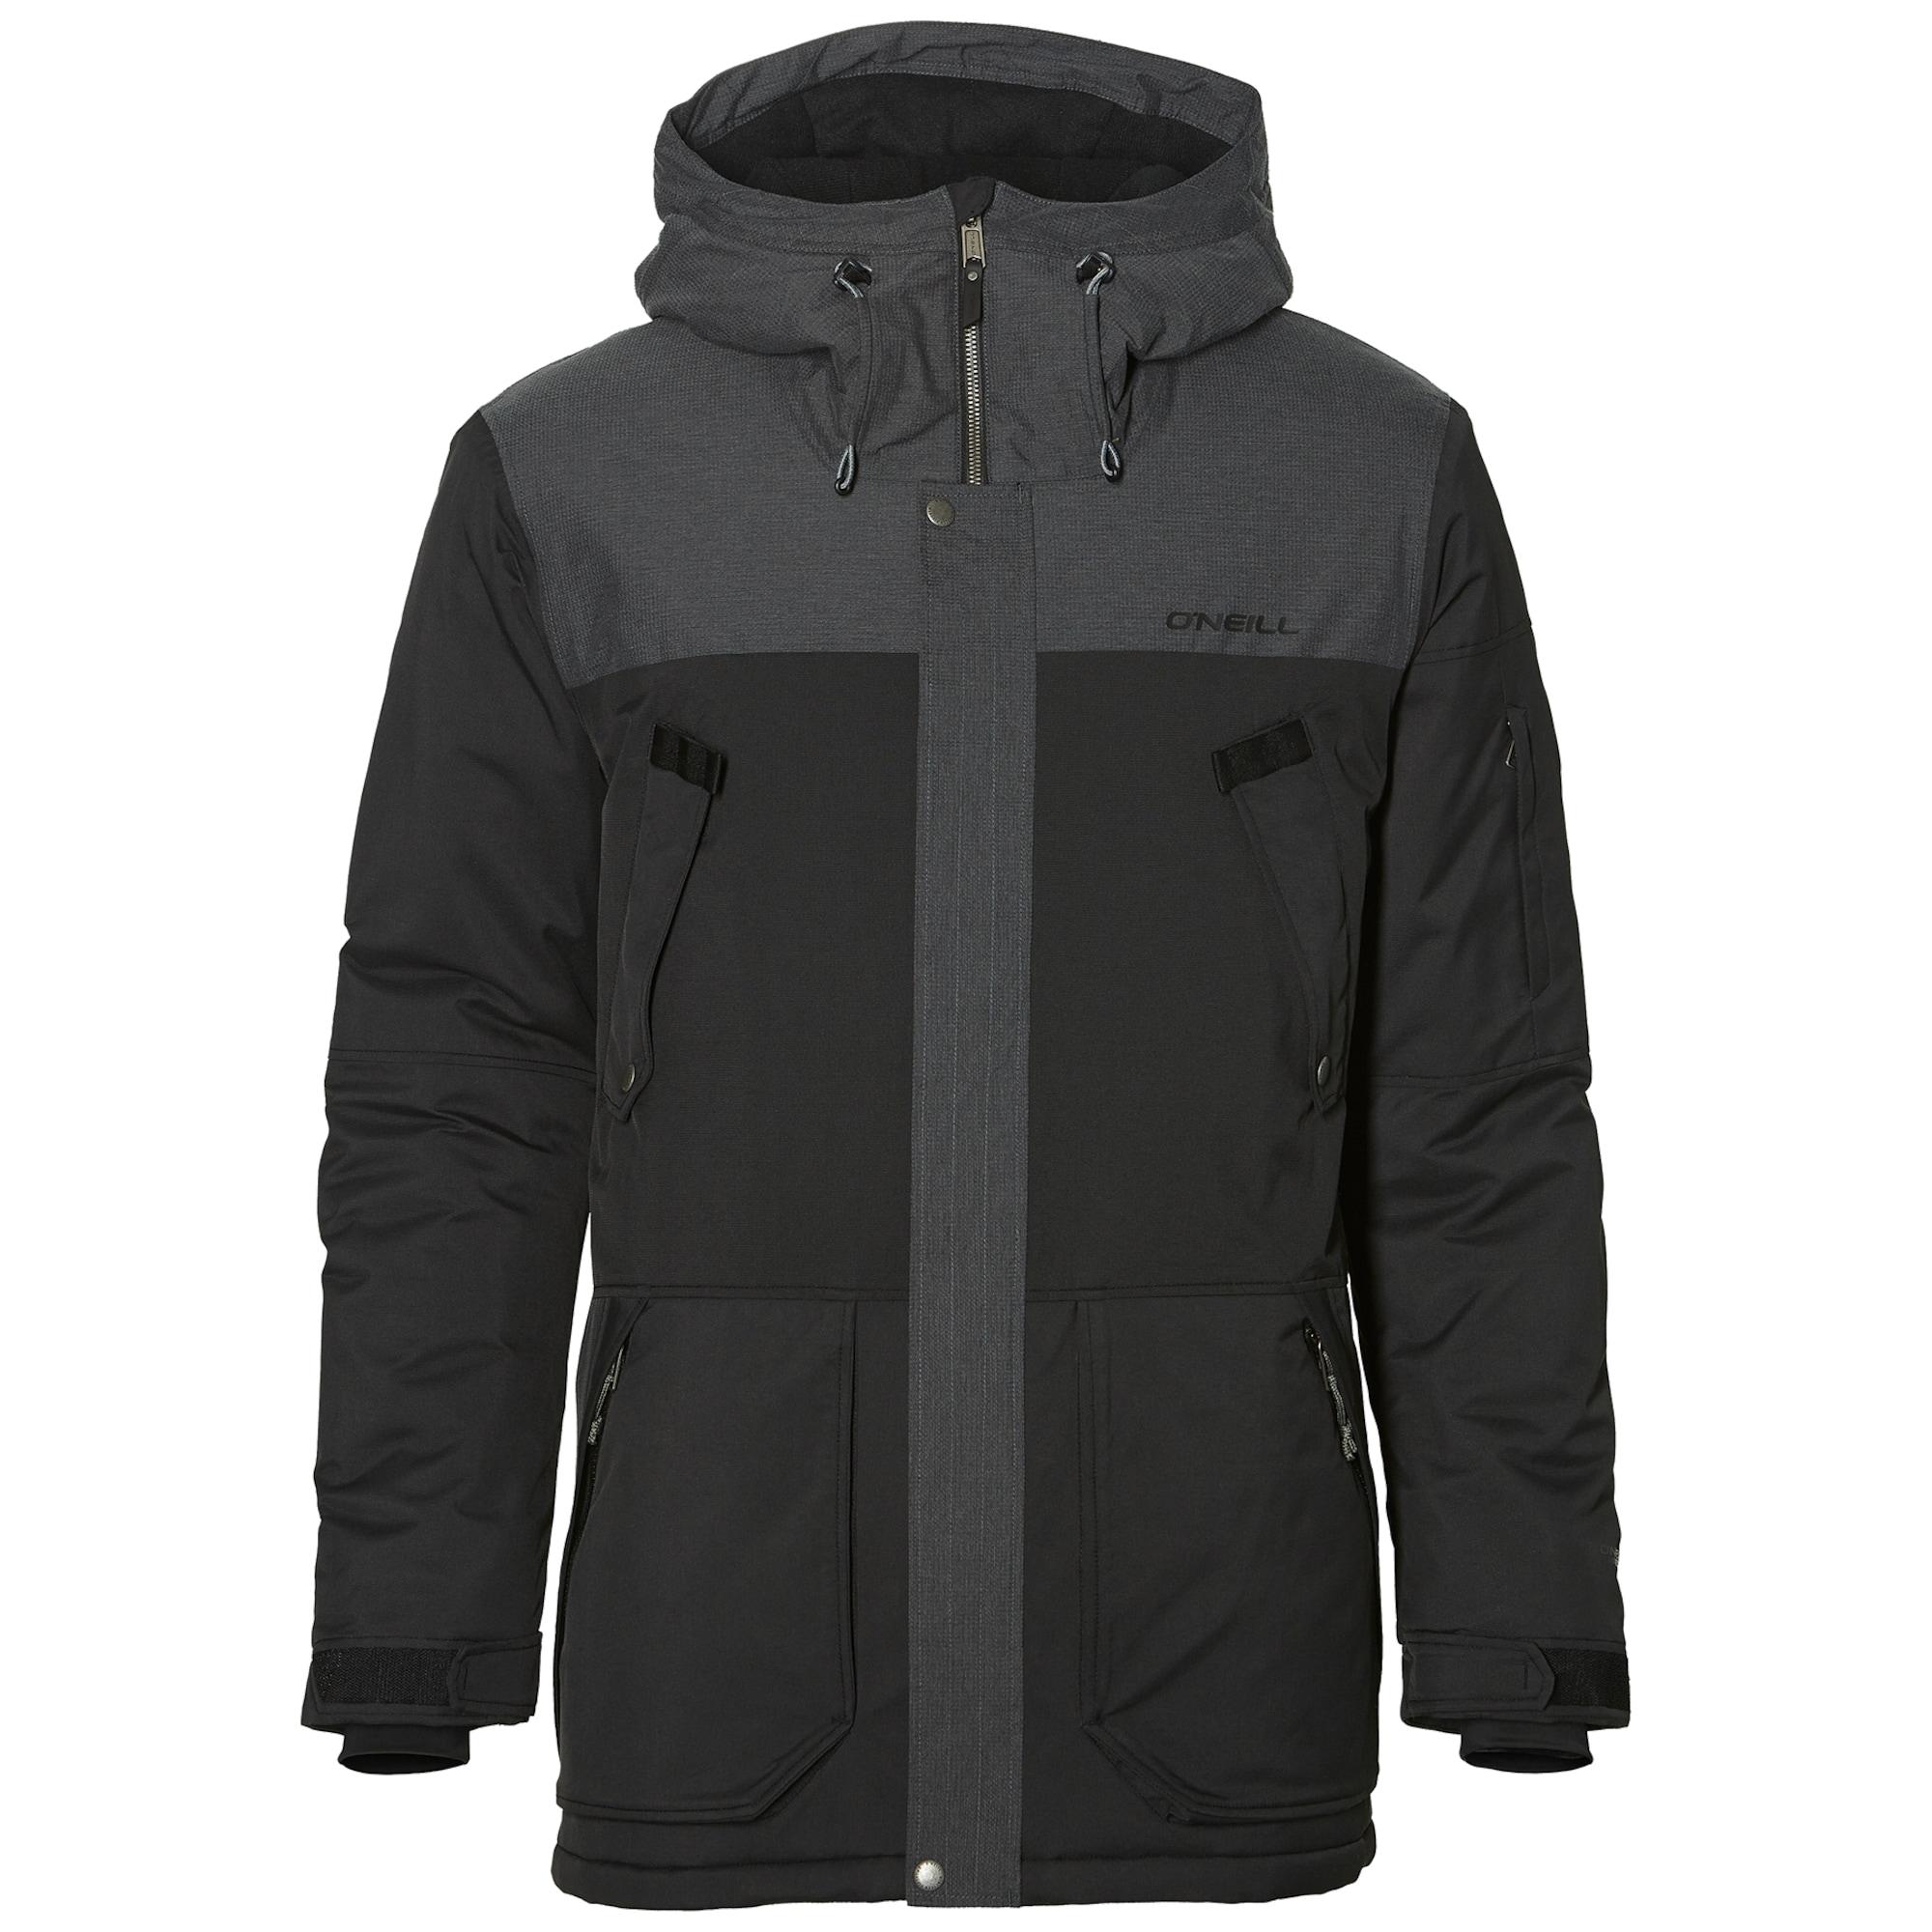 ONEILL Sportovní bunda PM Hybrid Explorer tmavě šedá černá O'NEILL